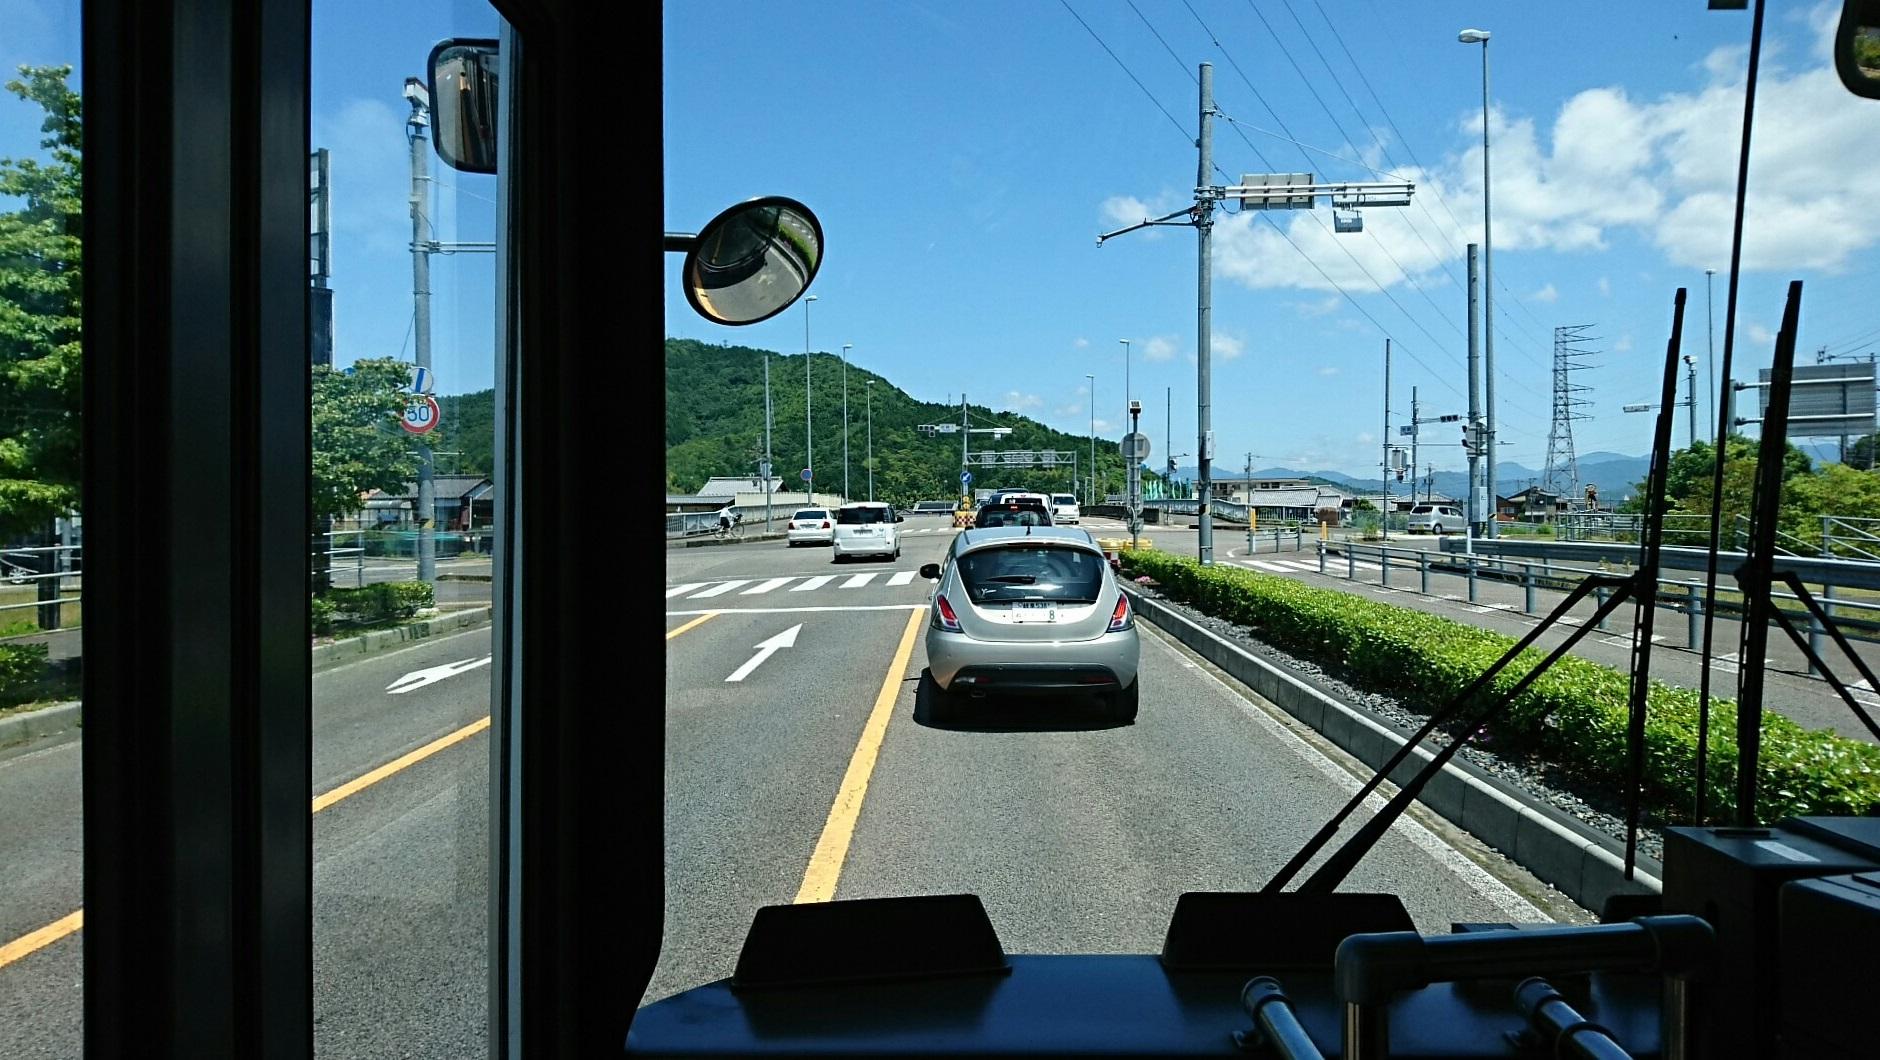 2018.6.1 岐阜 (45) 高富いきバス - 岩崎1丁目交差点を右折 1880-1060